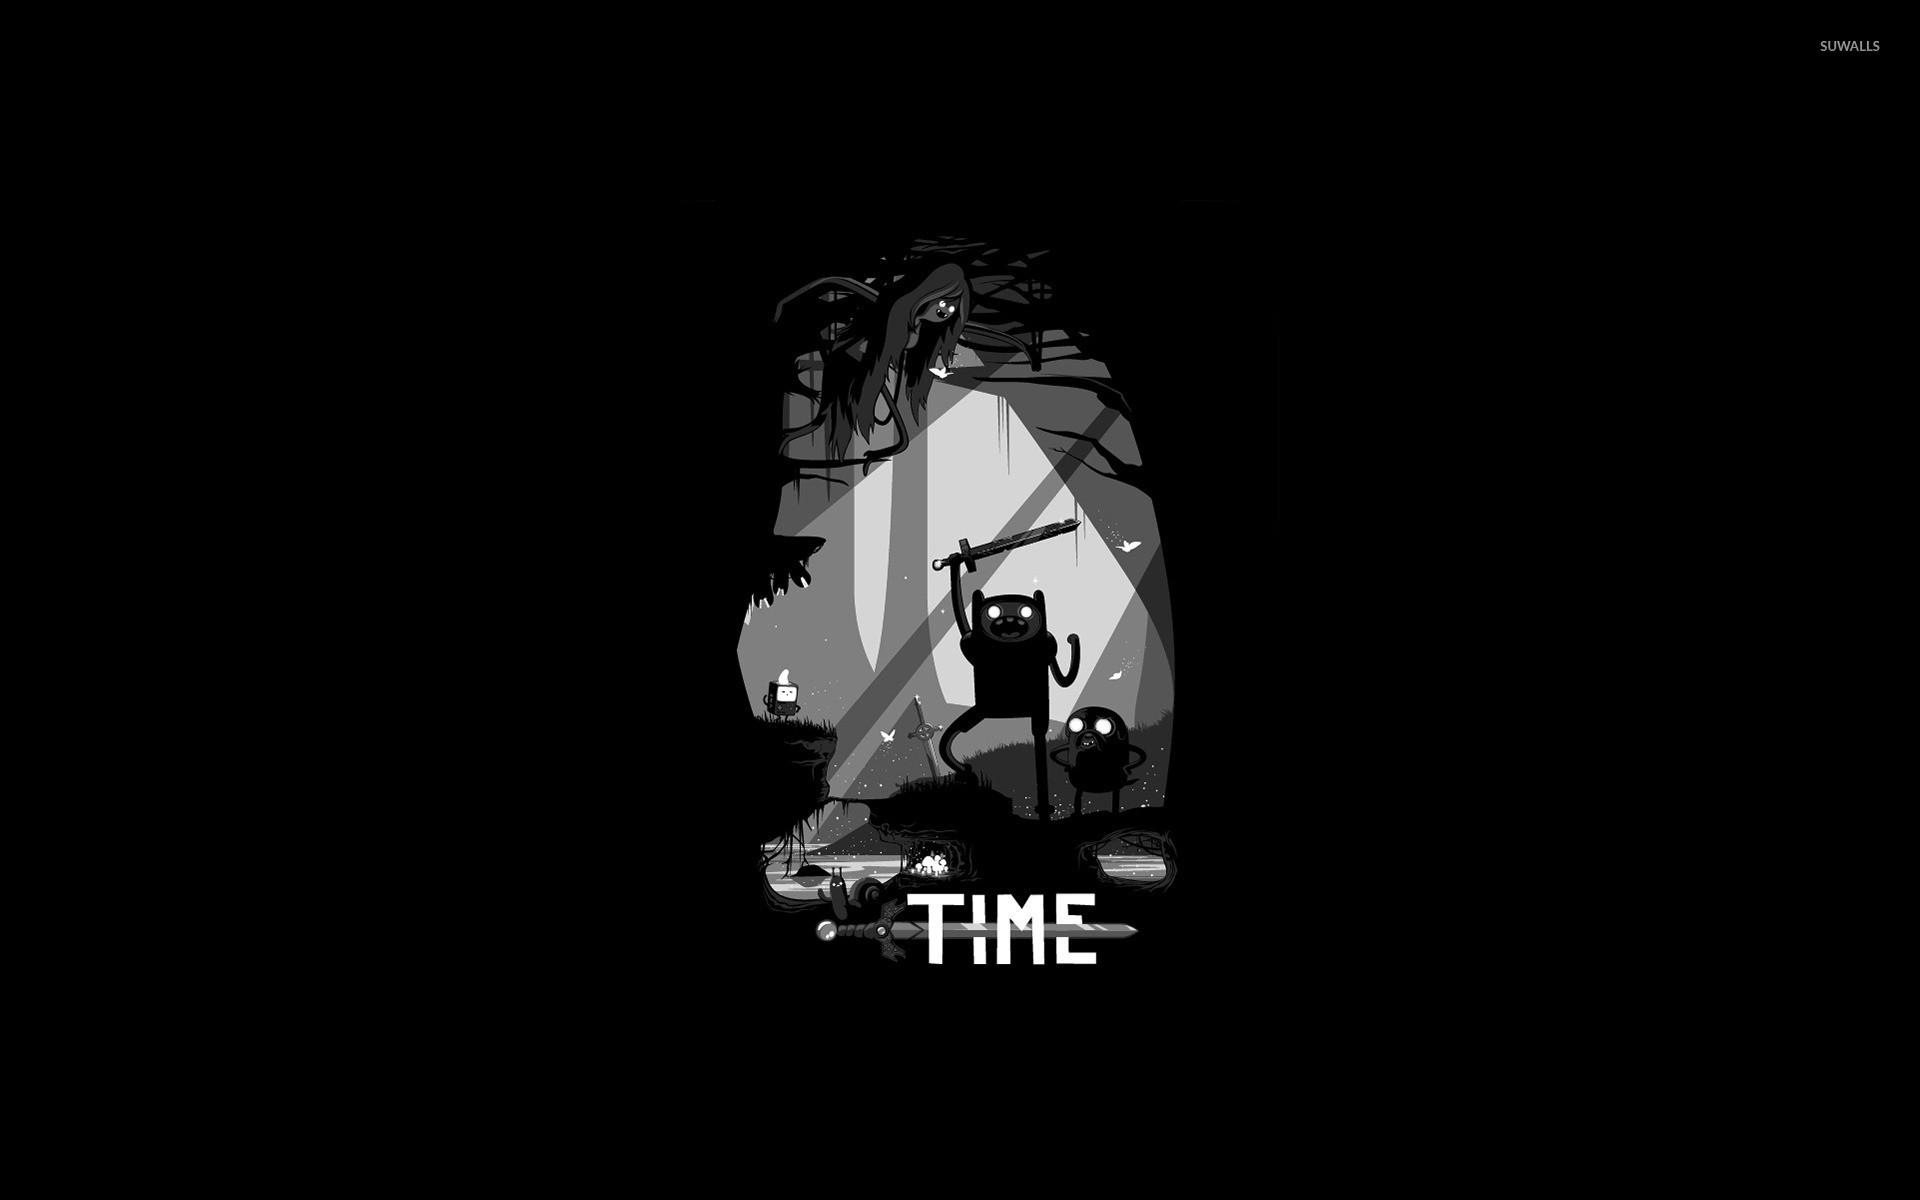 Zelda Adventure Time wallpaper